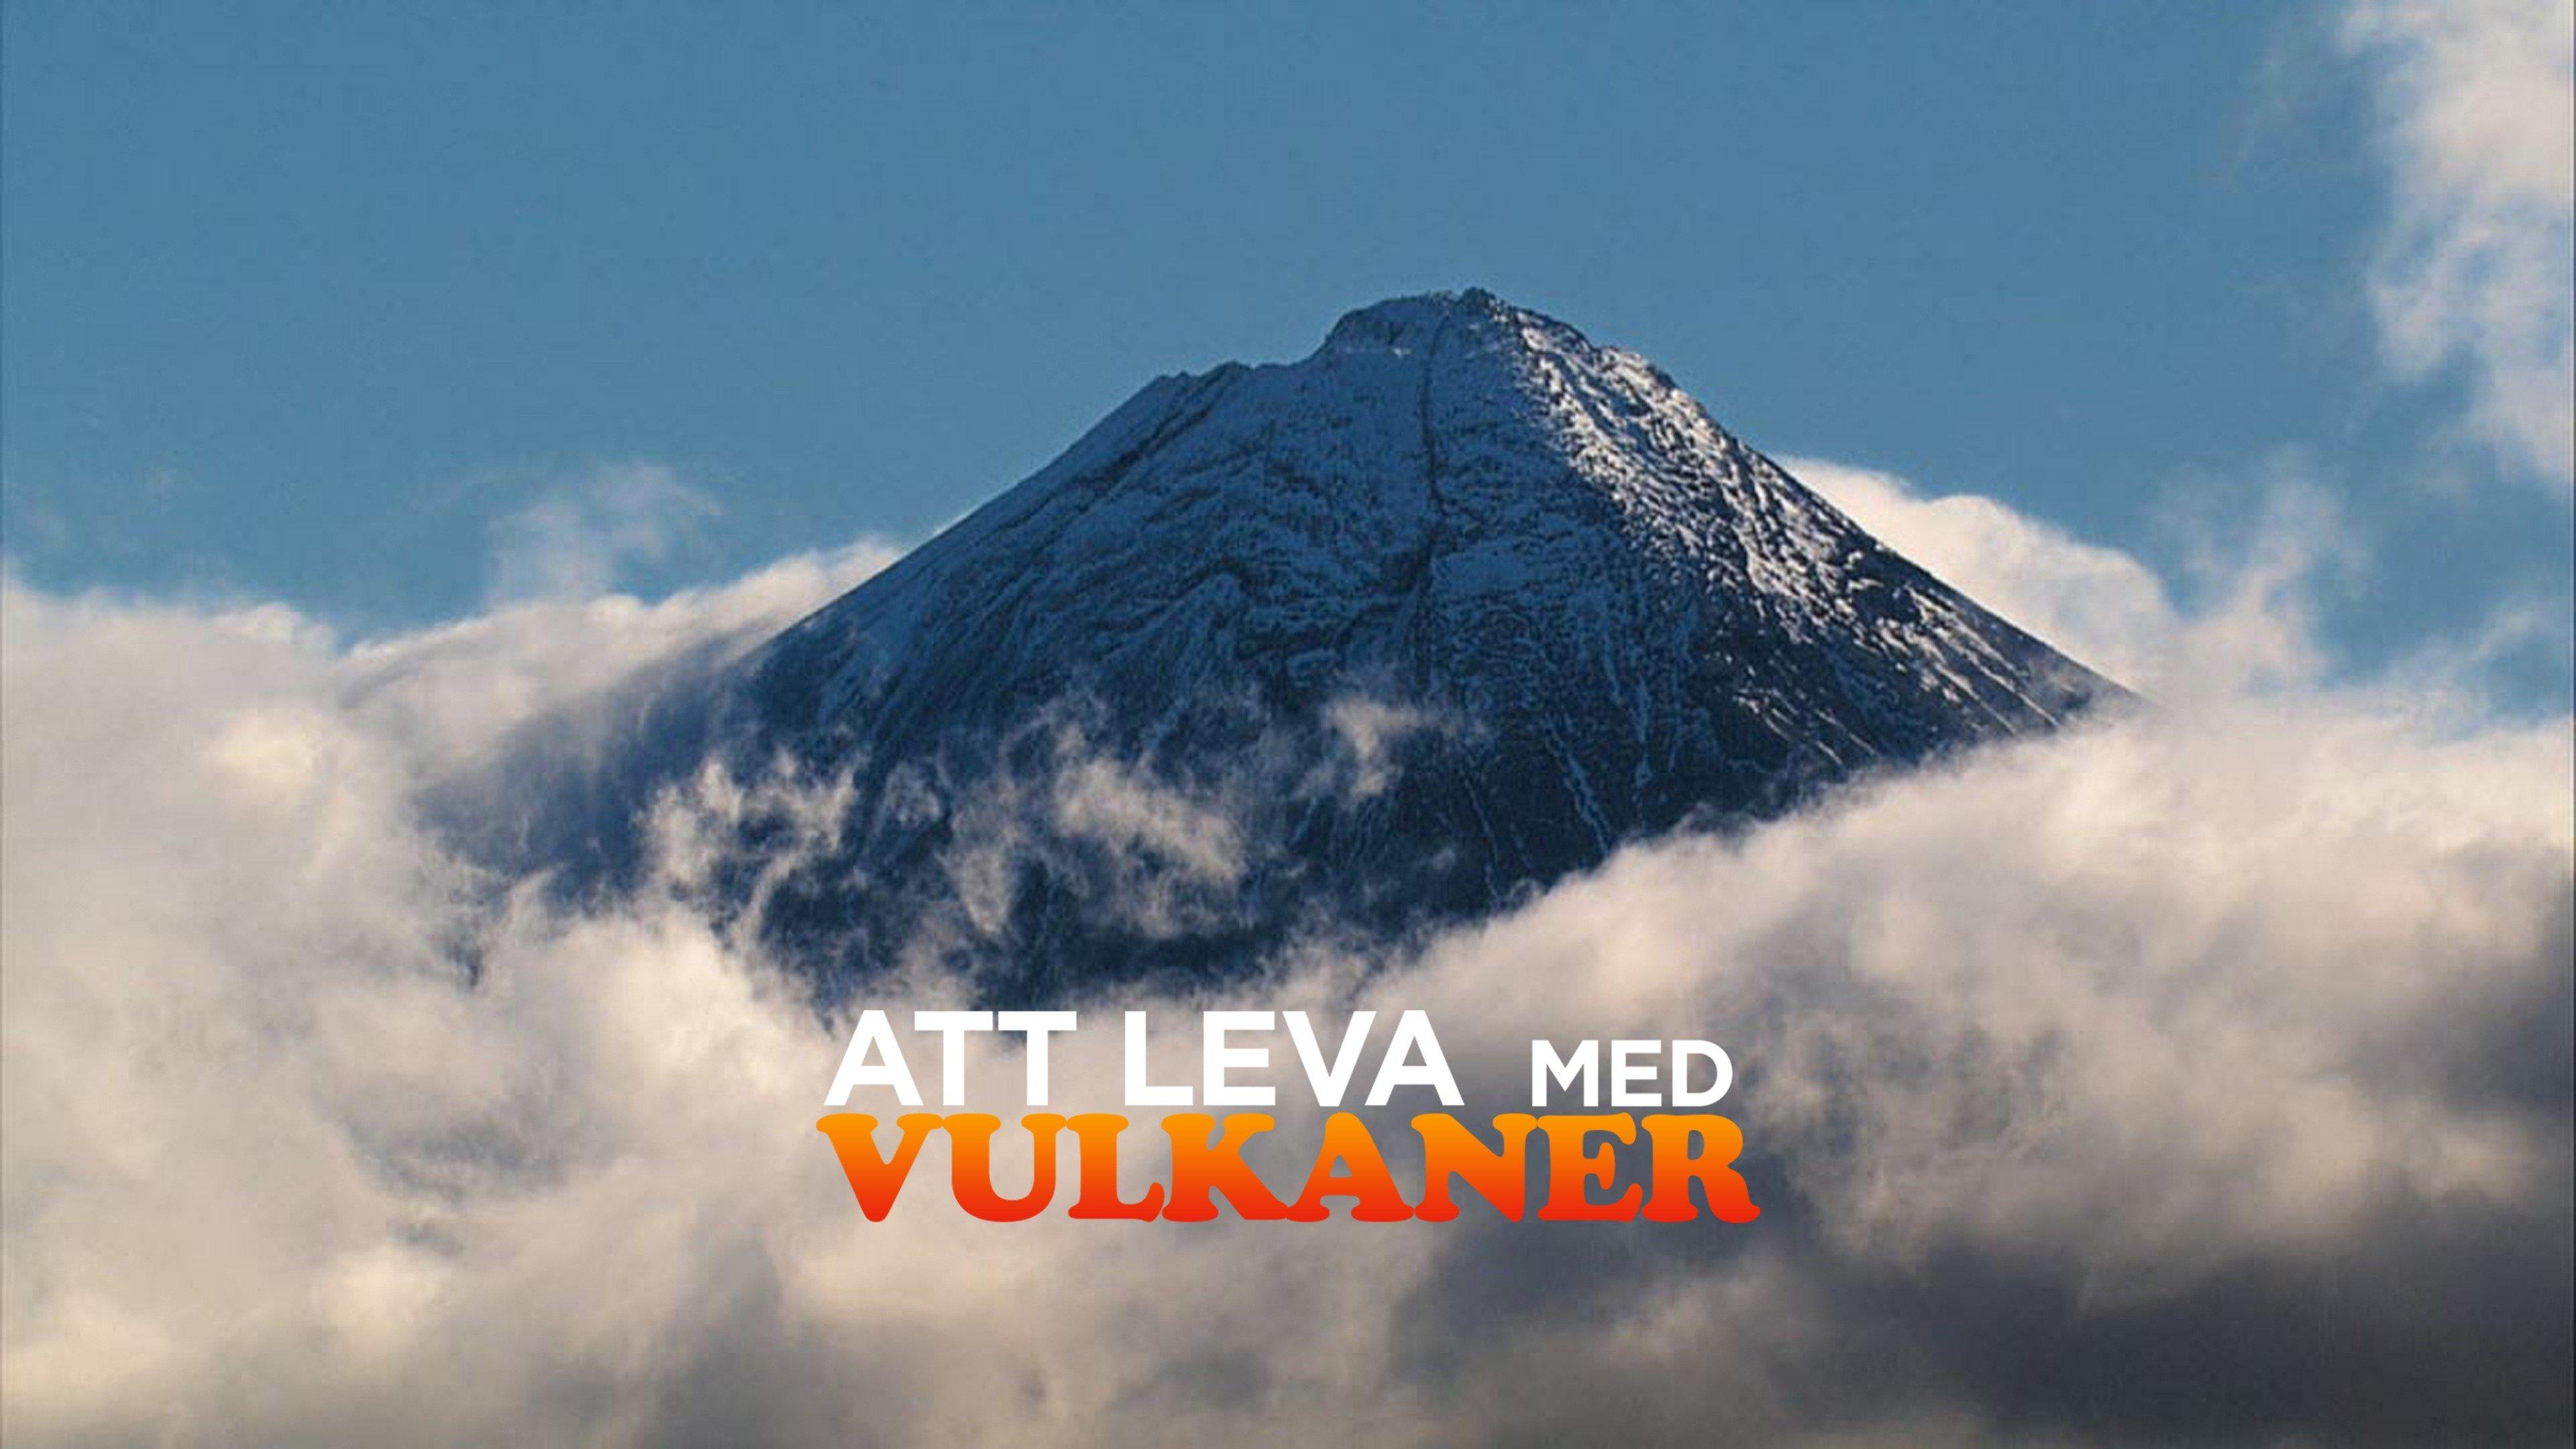 Att leva med vulkaner